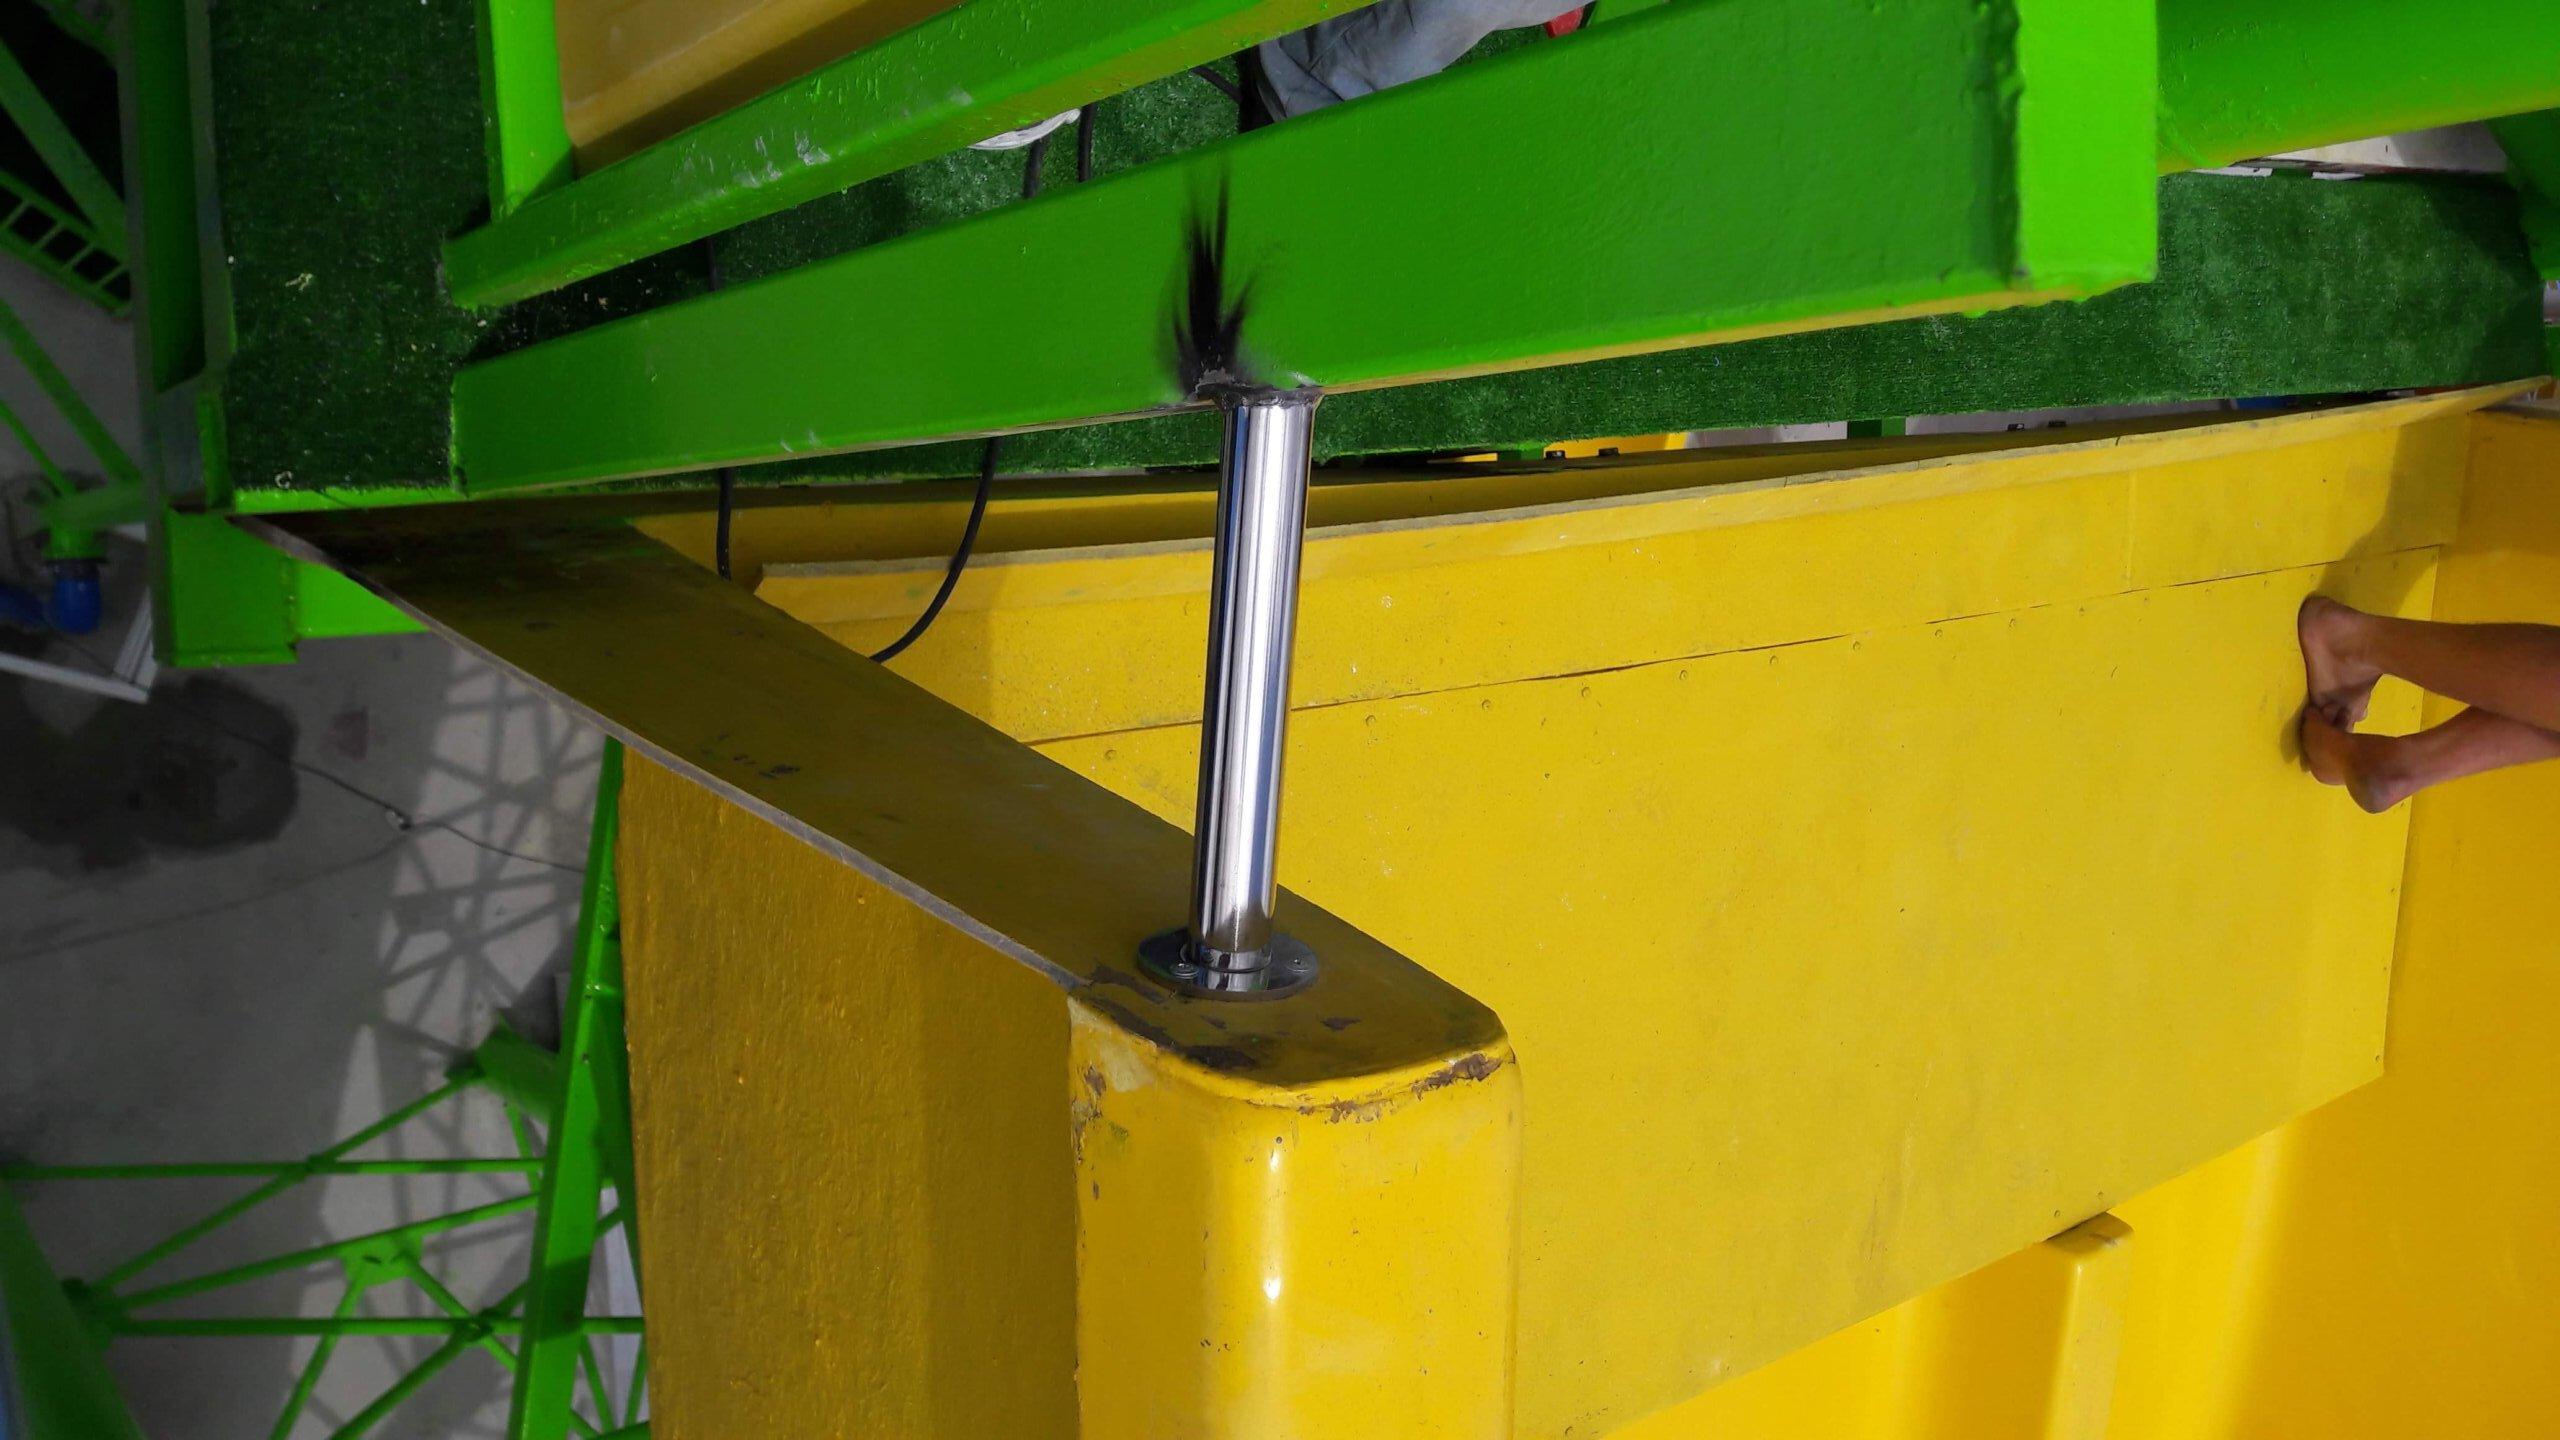 Связка двух металлоконструкций при помощи нержавеющей трубы